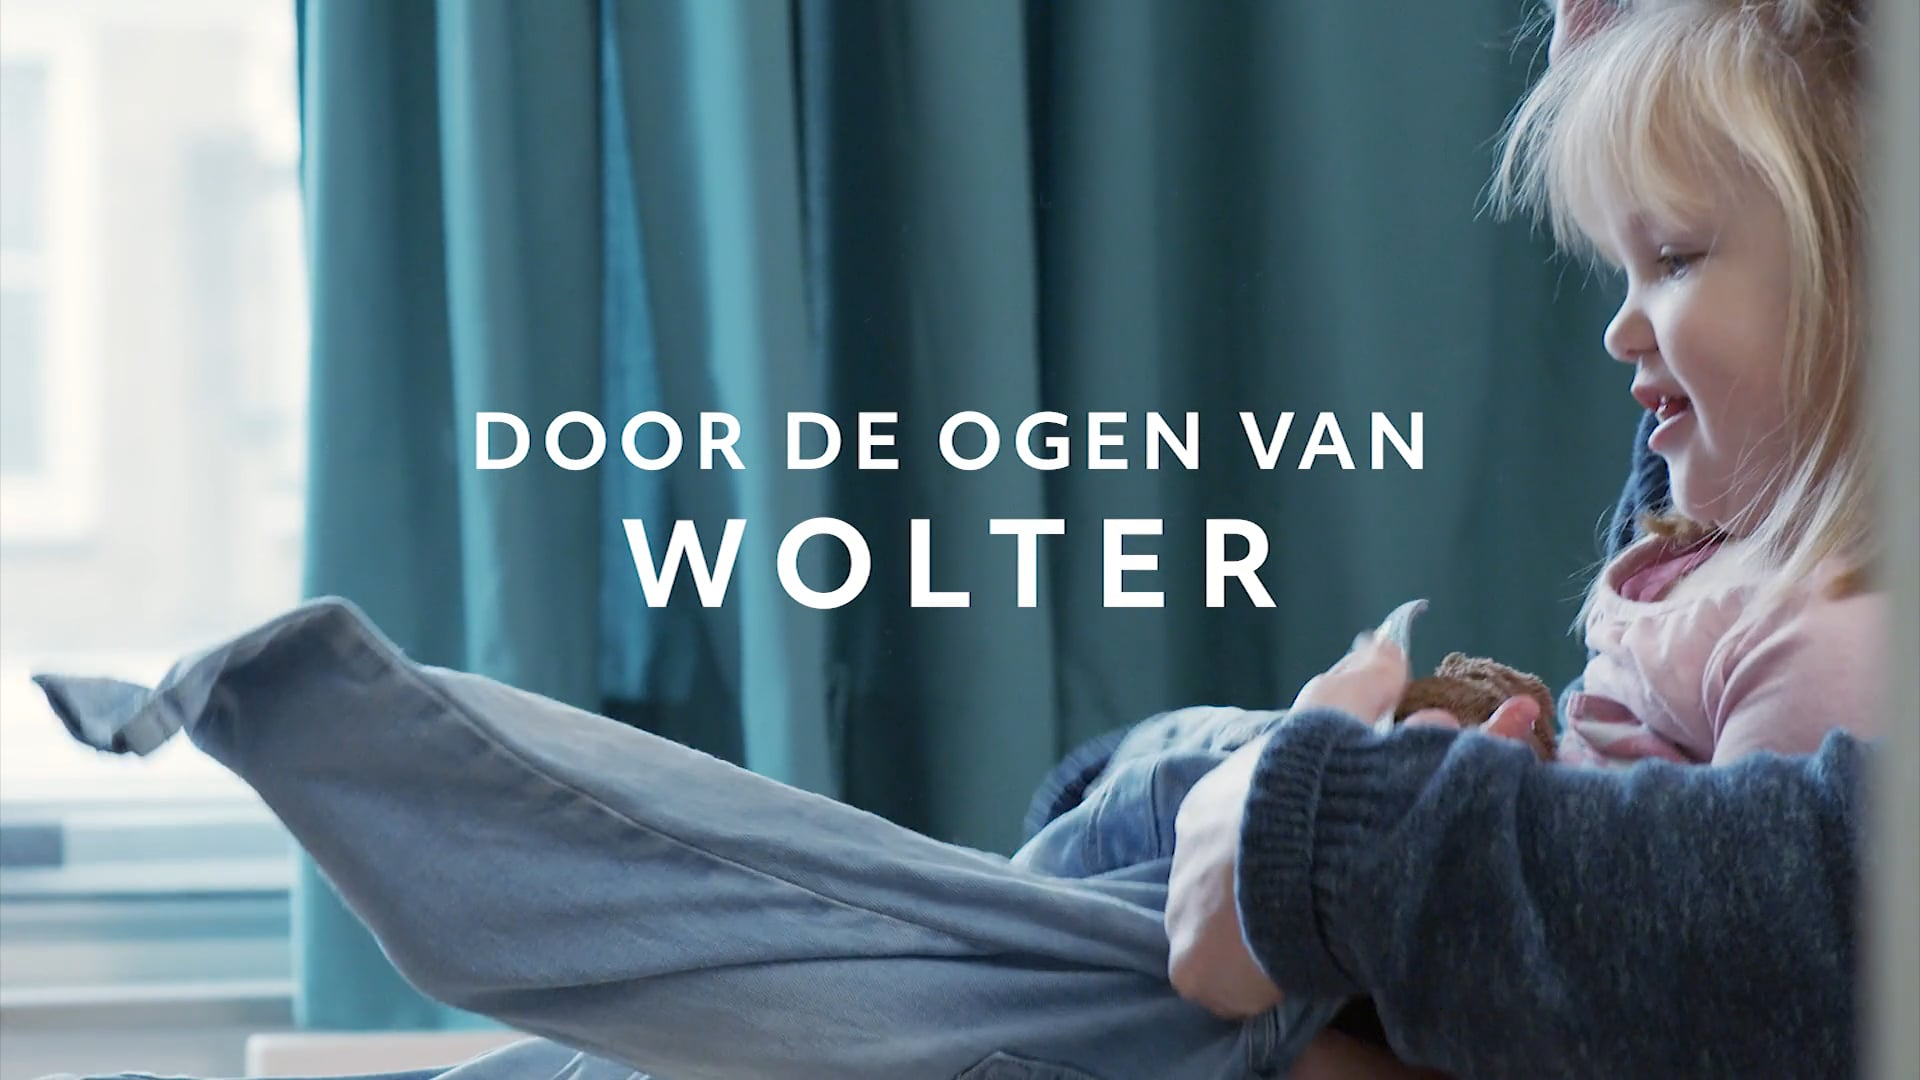 Bartimeus Fonds | 1 minuut trailer 'Door de ogen van Wolter'